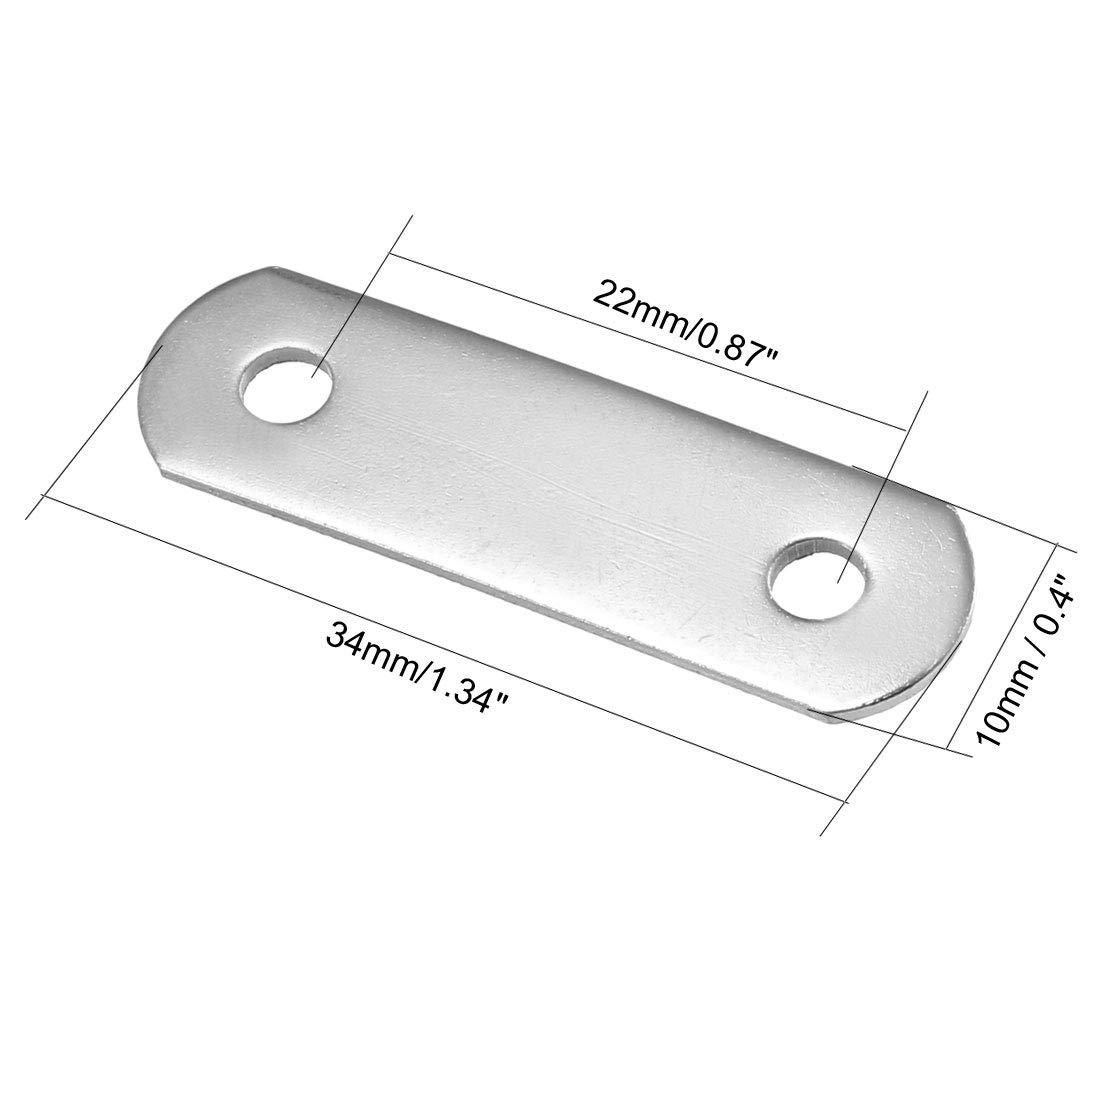 Patte dassemblage plaques Connecteur coin TV fixation plat 48mmx15mm 20pcs